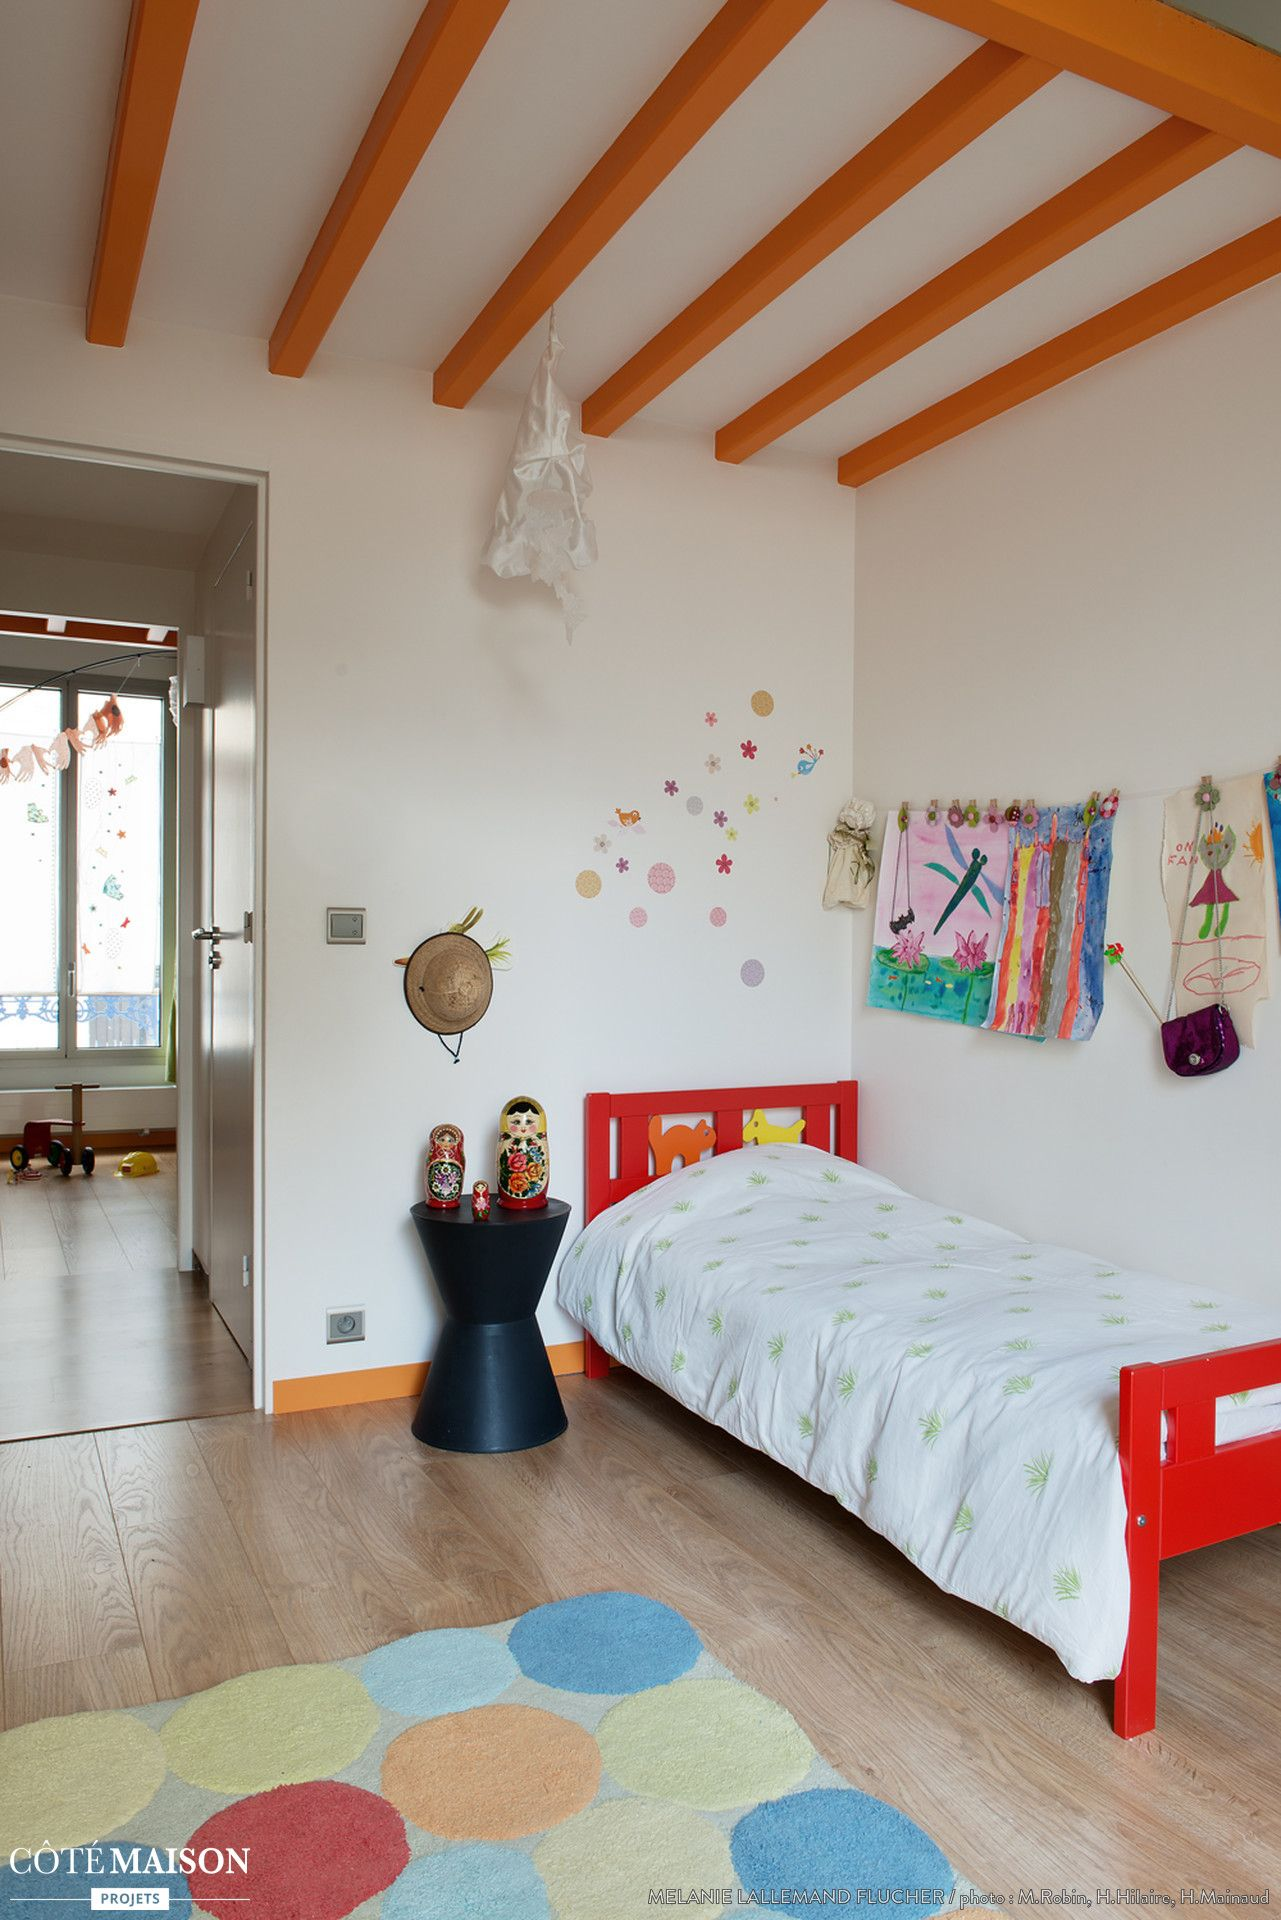 Unne chambre d enfant colorée avec les poutres apparentes peintes